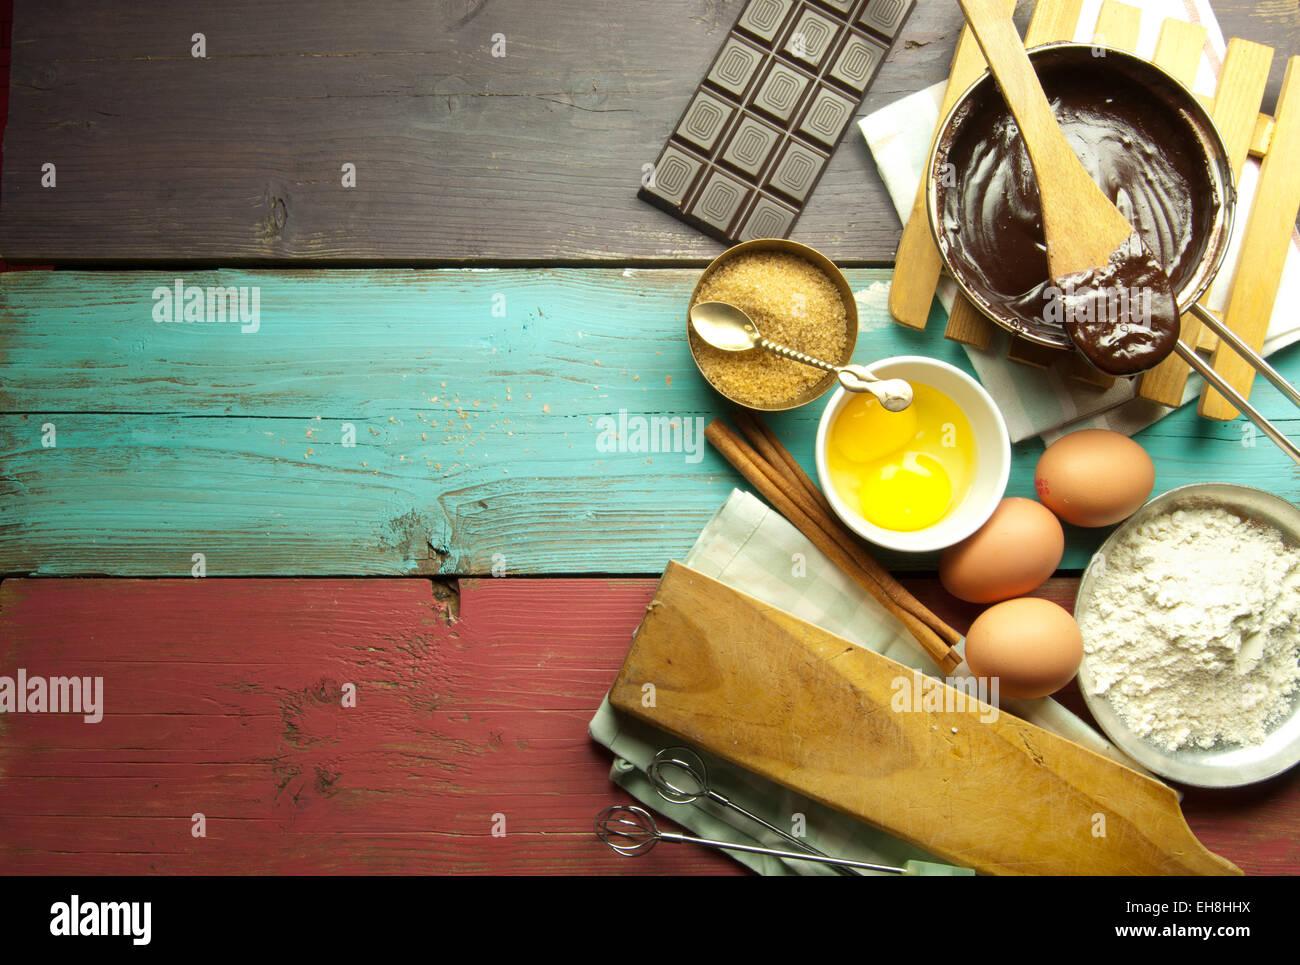 Ingrédients nouvelle recette Photo Stock